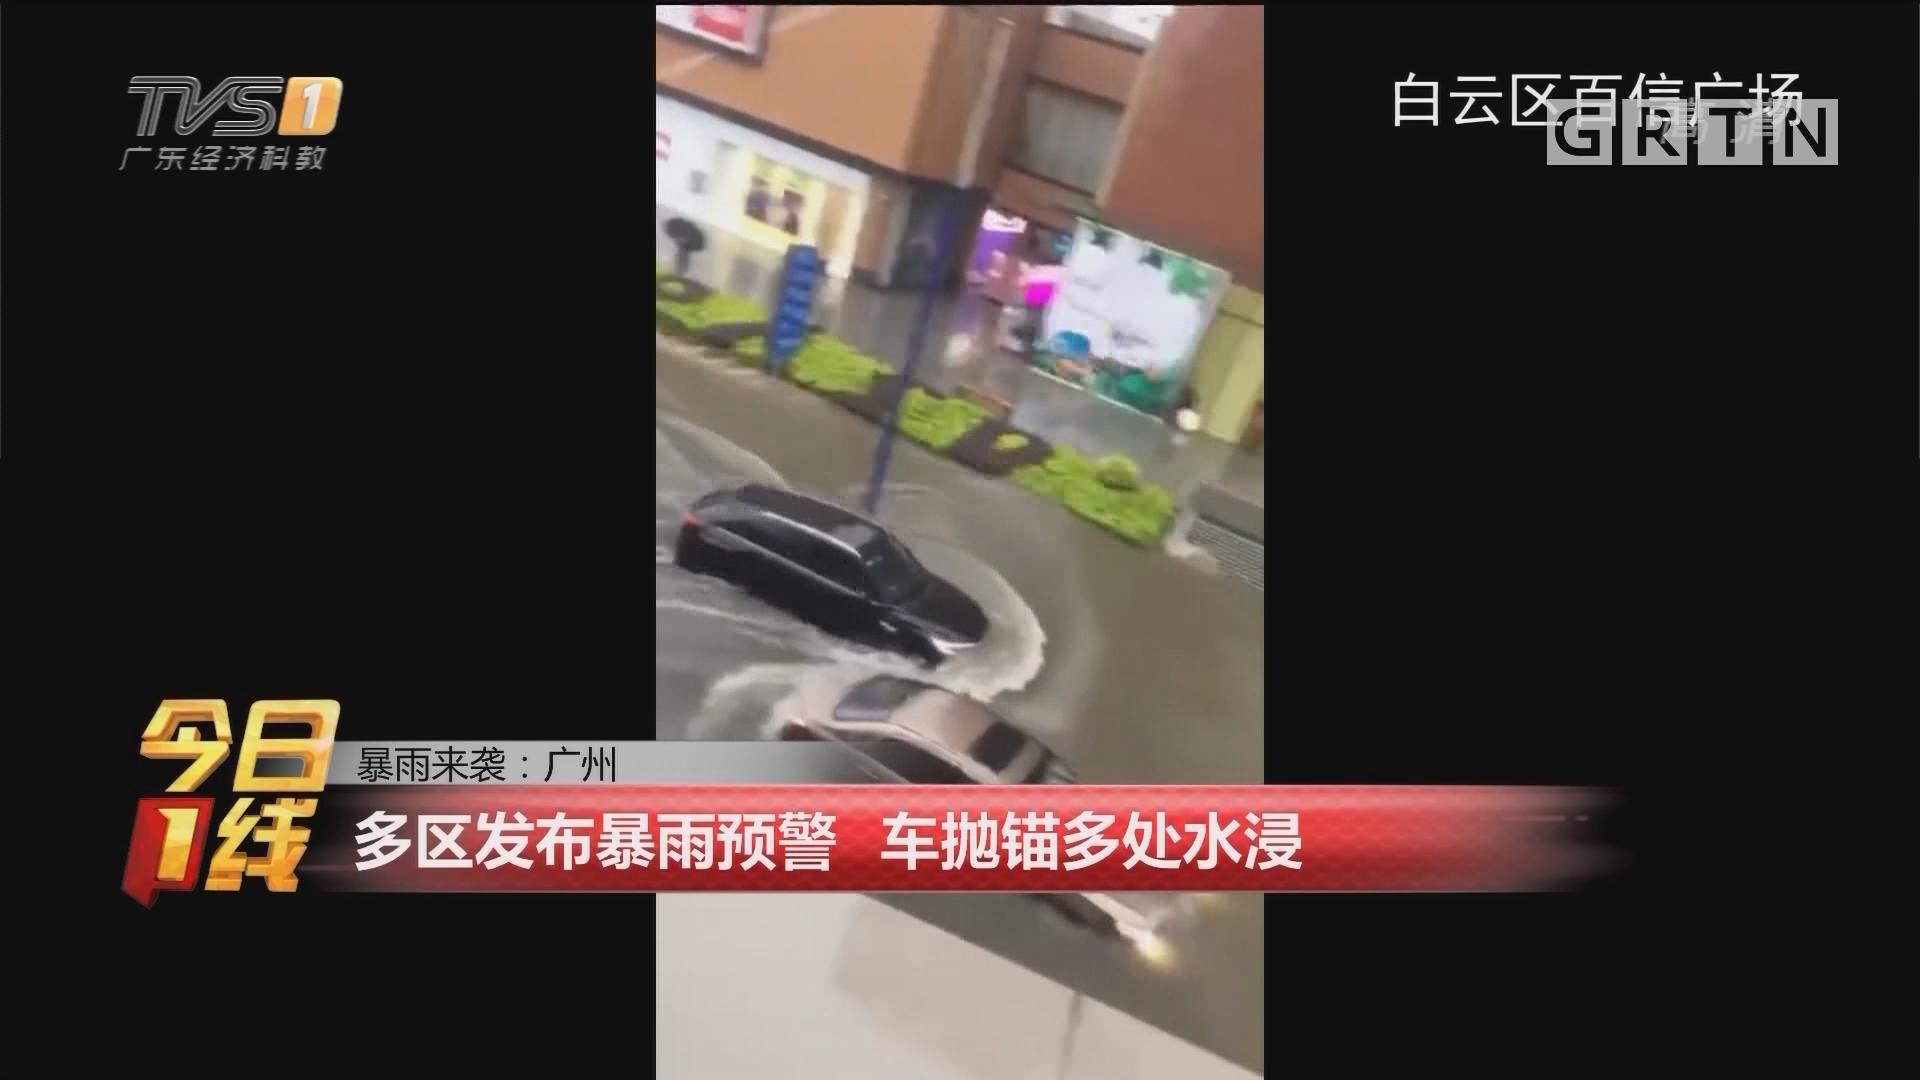 暴雨来袭:广州 多区发布暴雨预警 车抛锚多处水浸